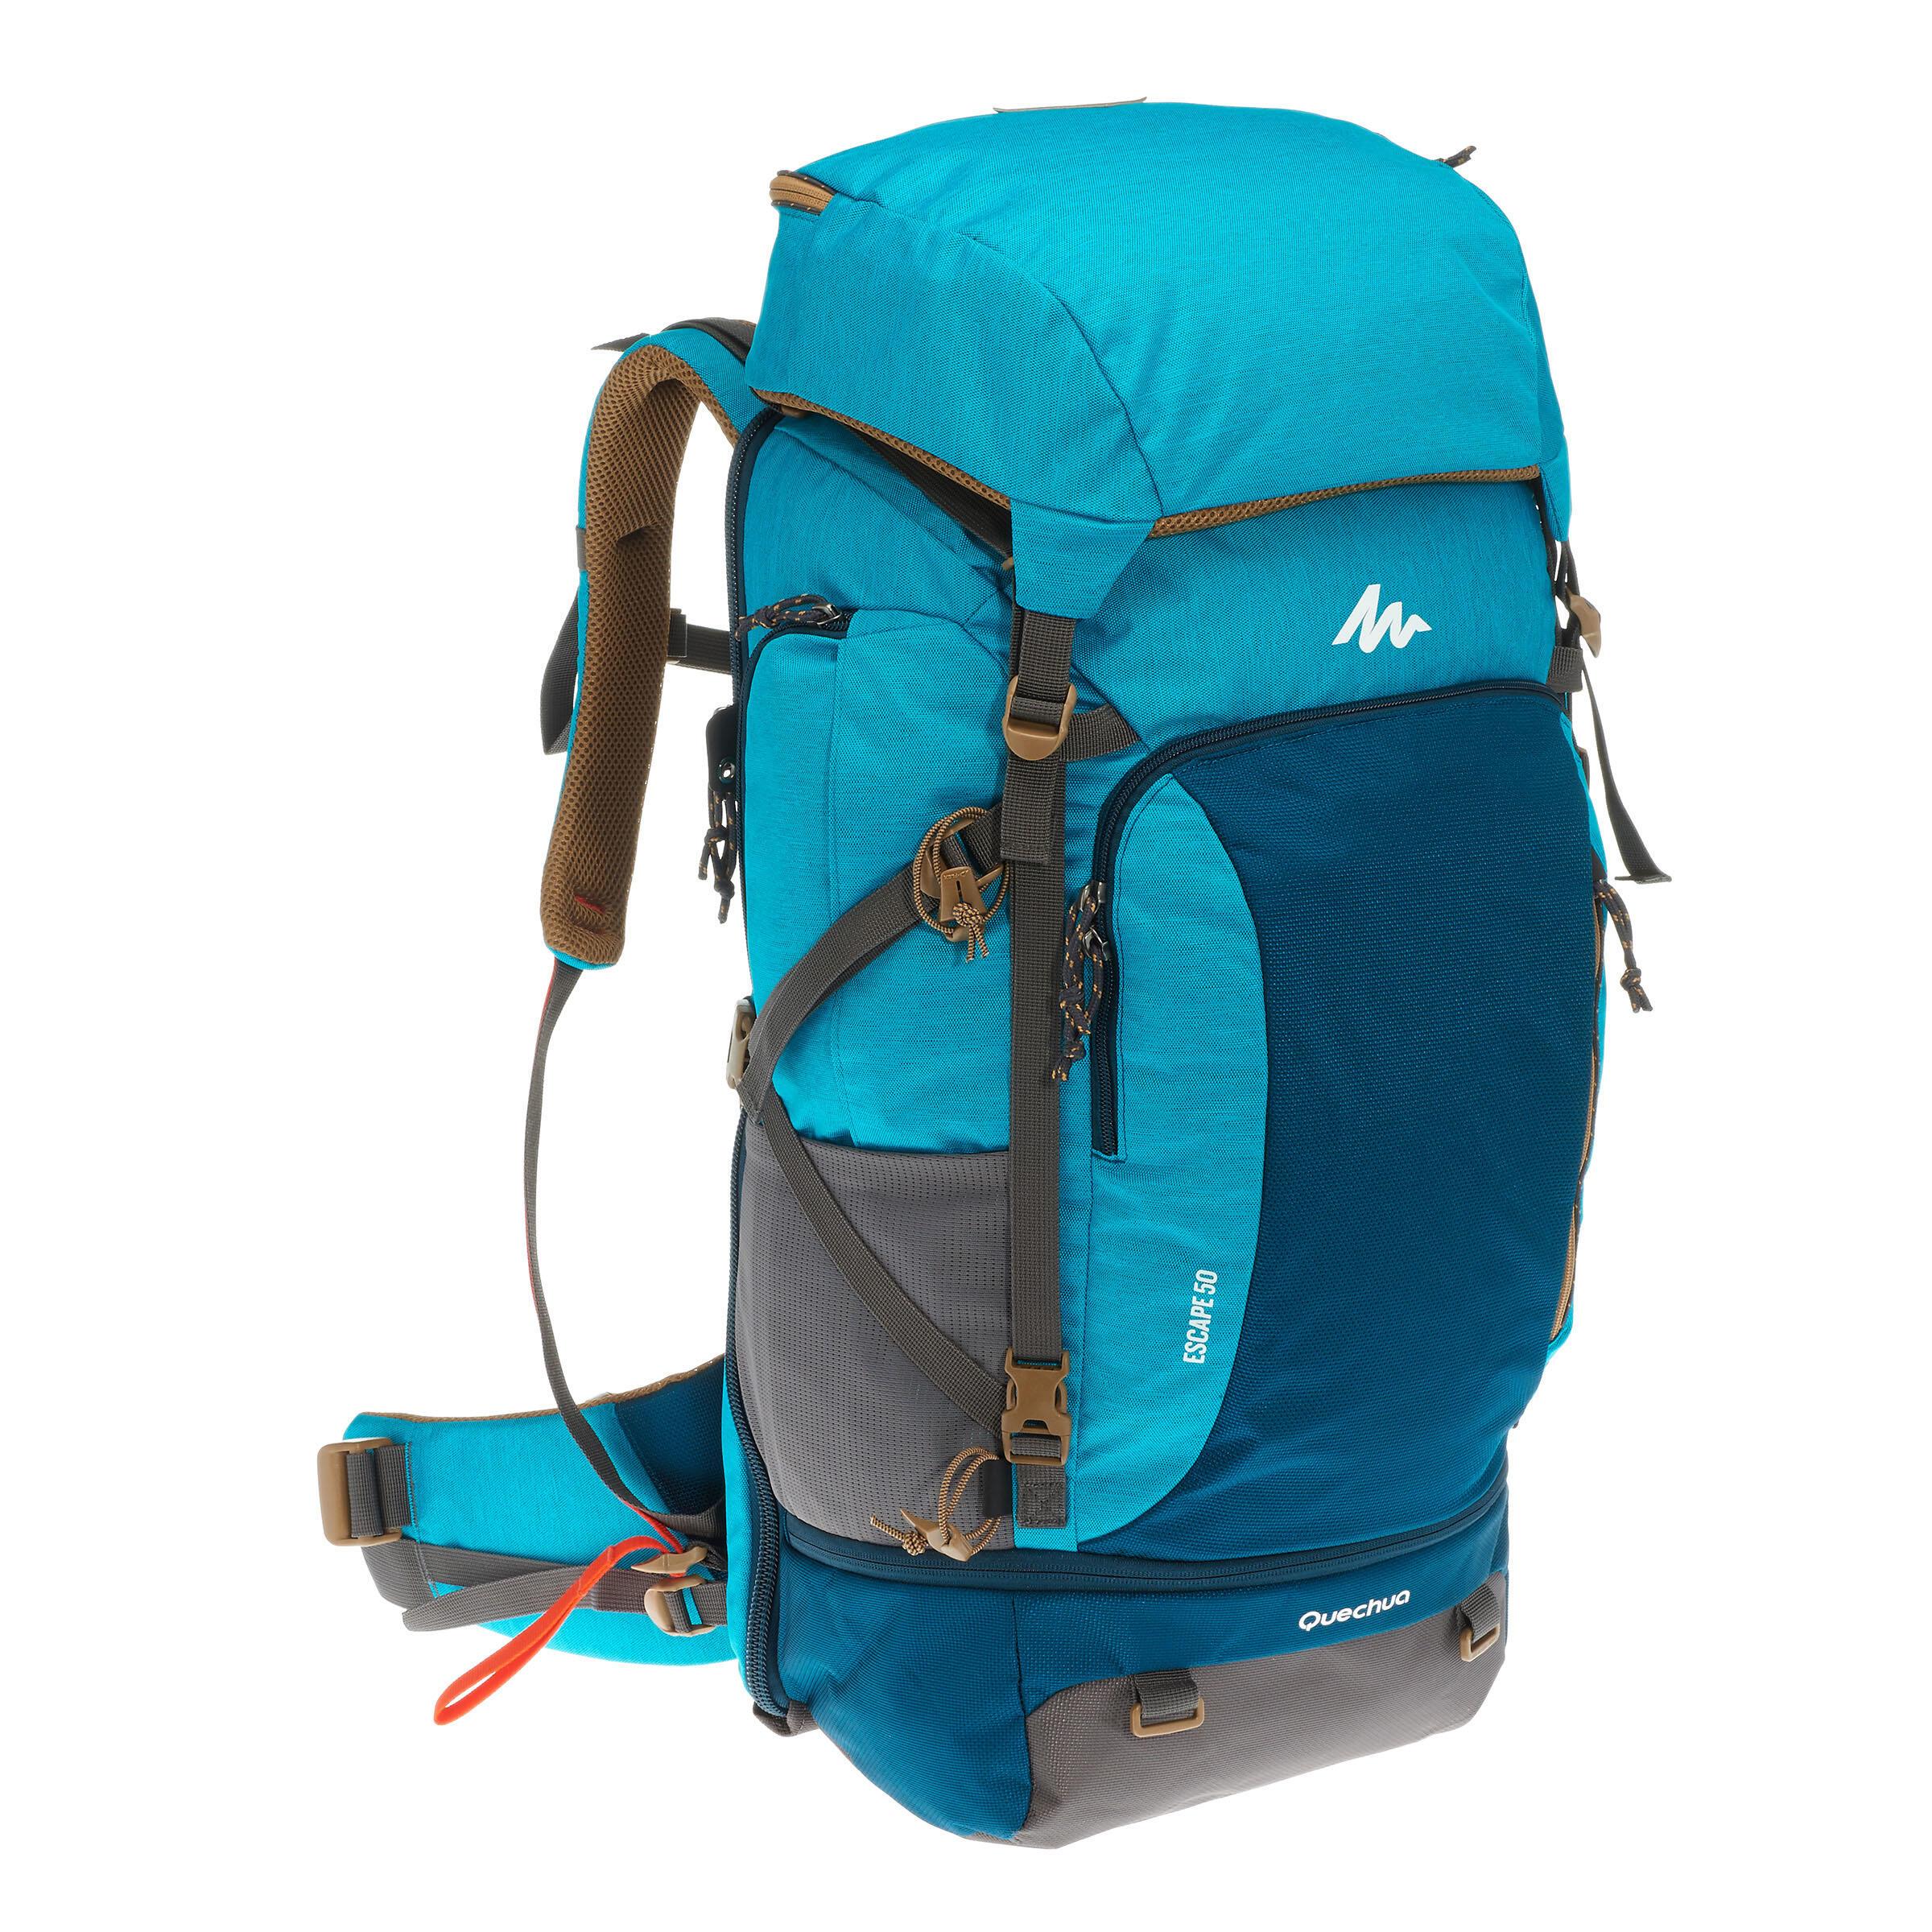 6280a57ee Comprar Mochilas Grandes y Bolsas de Viaje